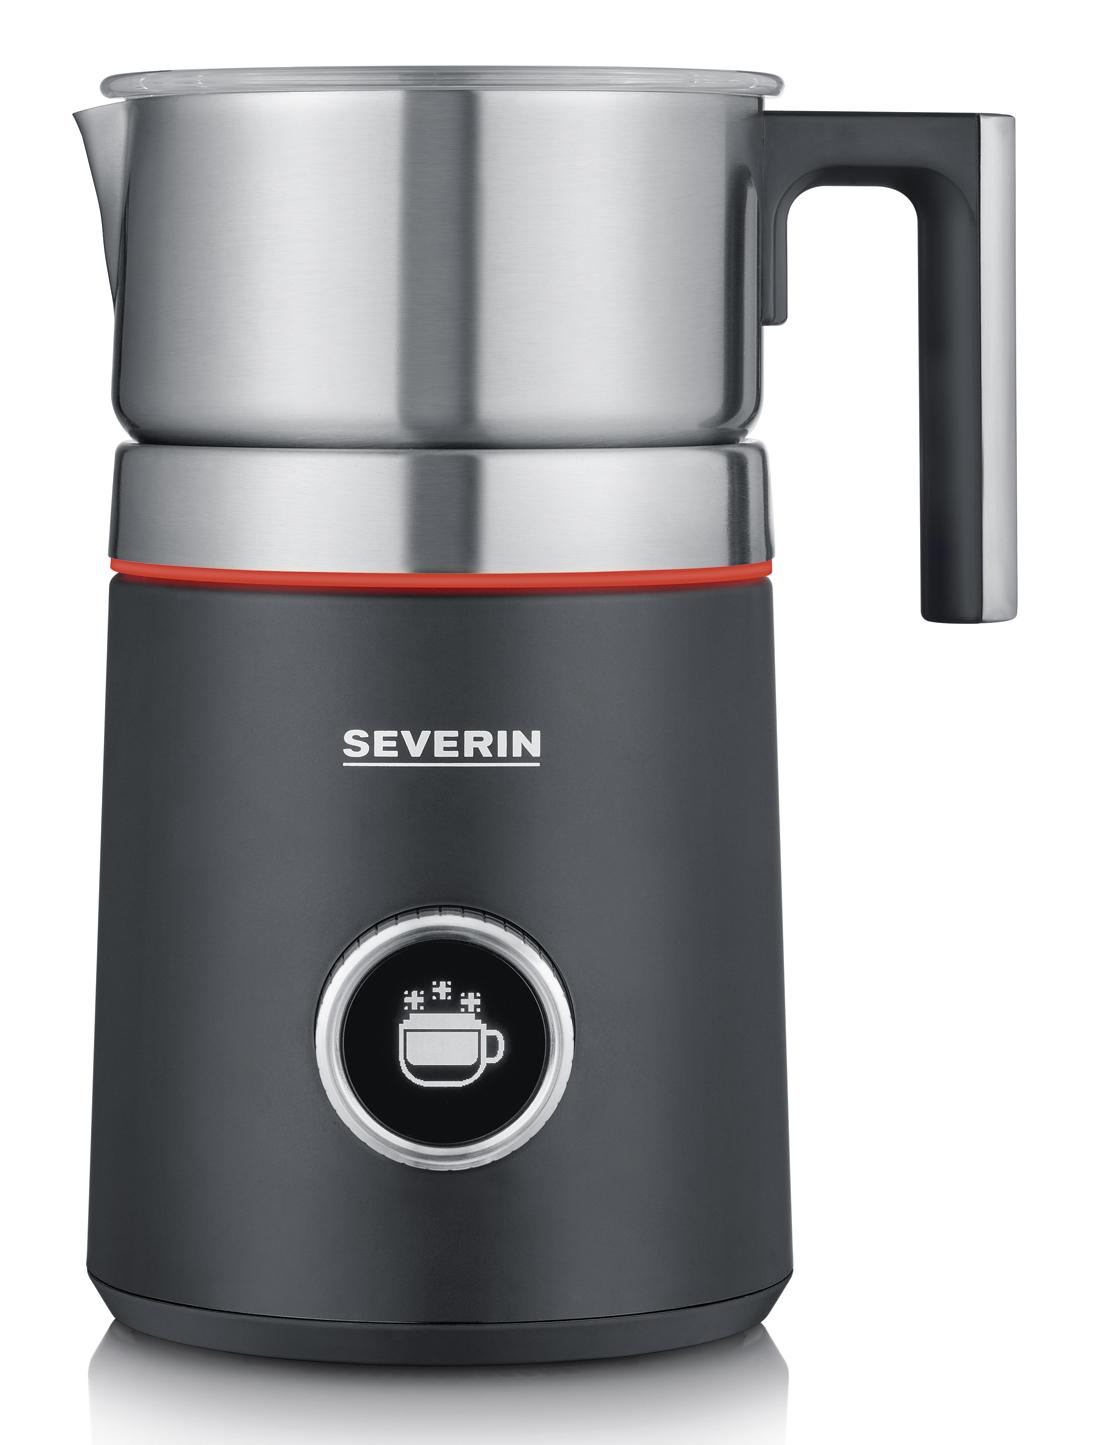 Severin Milchaufschäumer Spuma 700 Plus mit 13 unterschiedlichen Programmen.